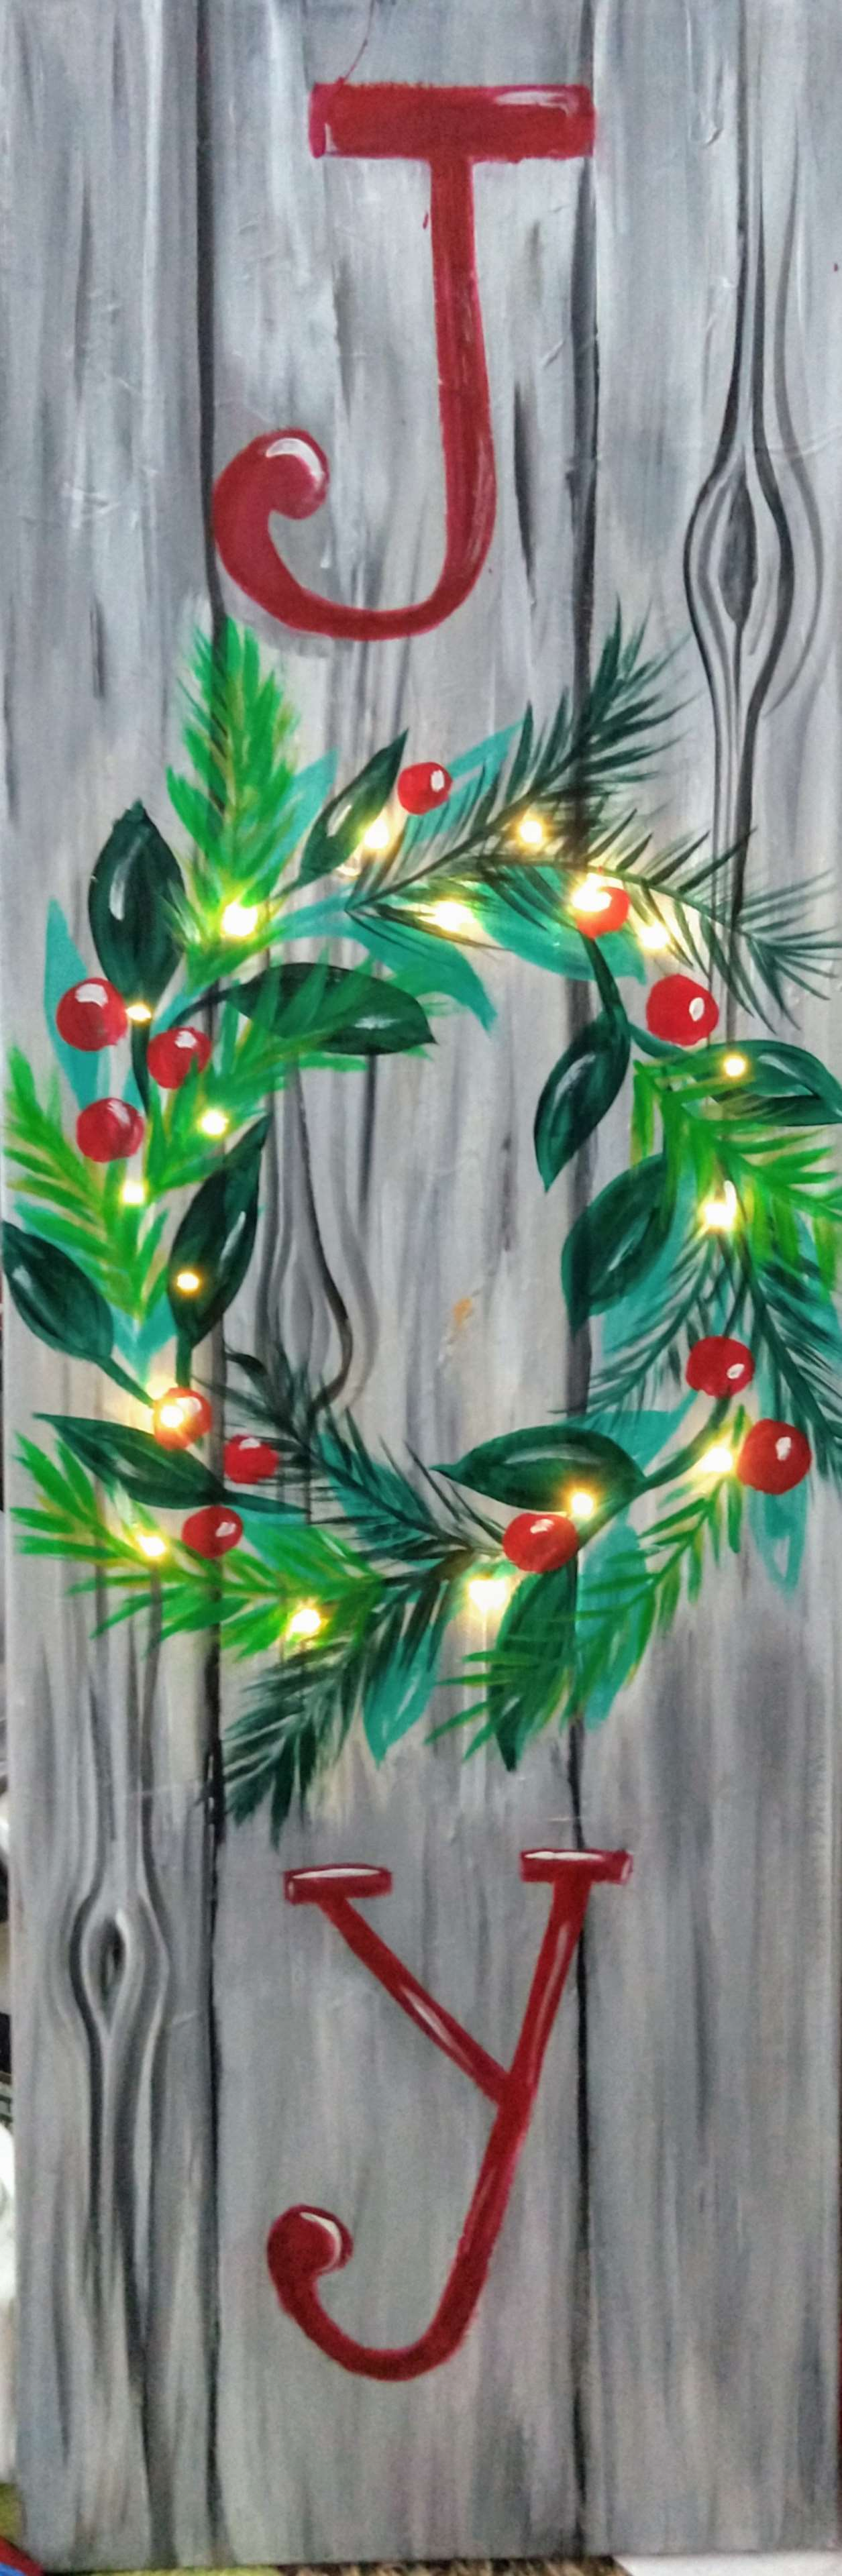 Joy Wreath Mon Dec 16 7pm At Montclair